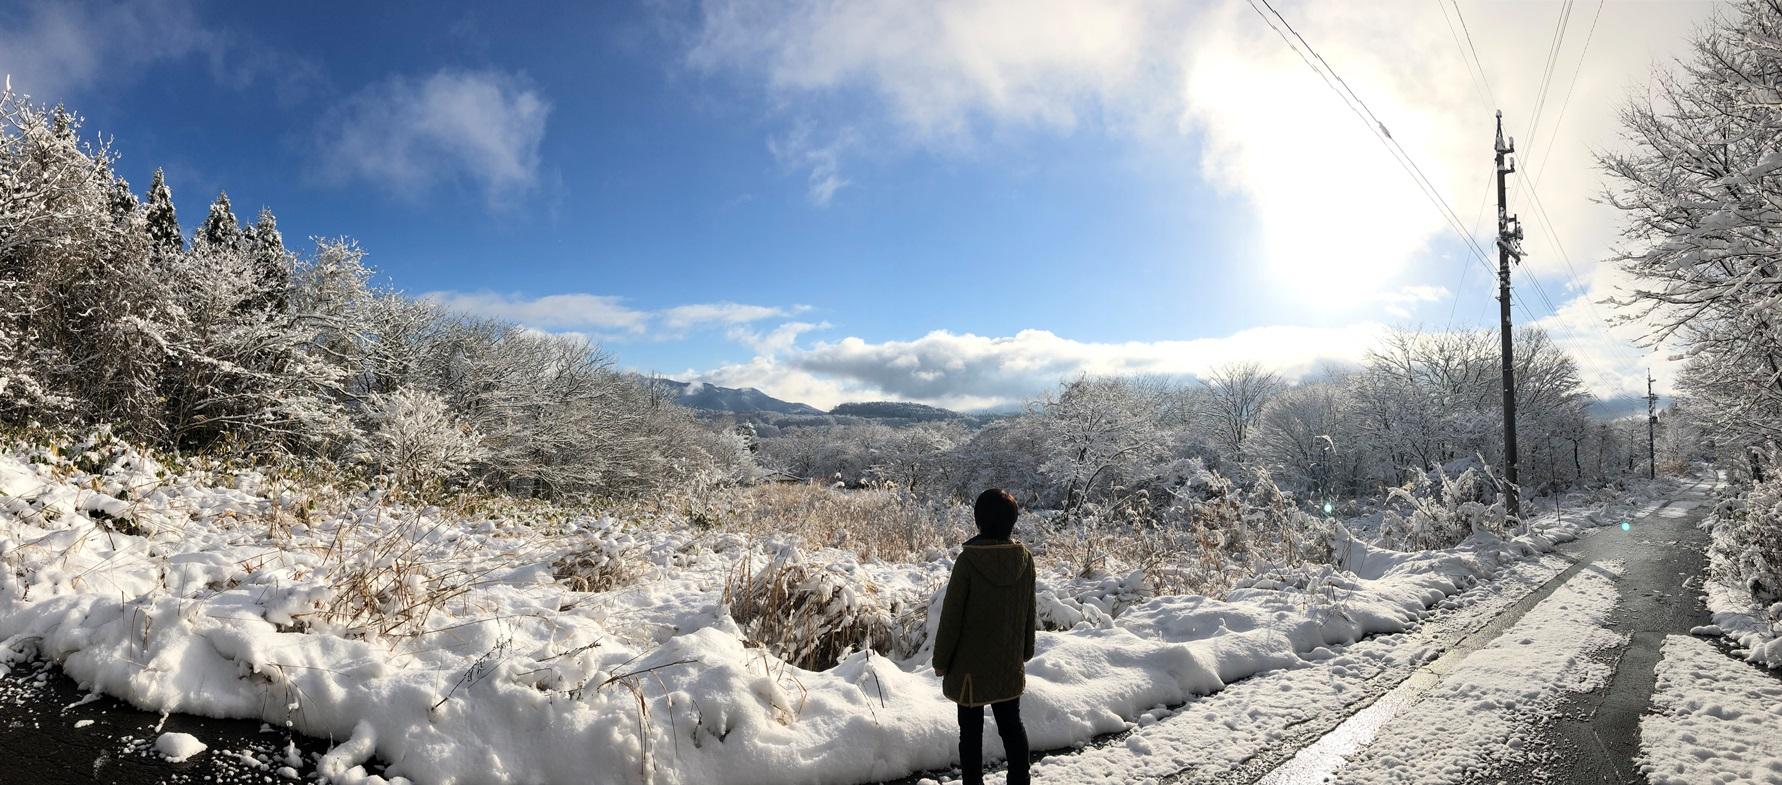 雪の季節になりました20181219